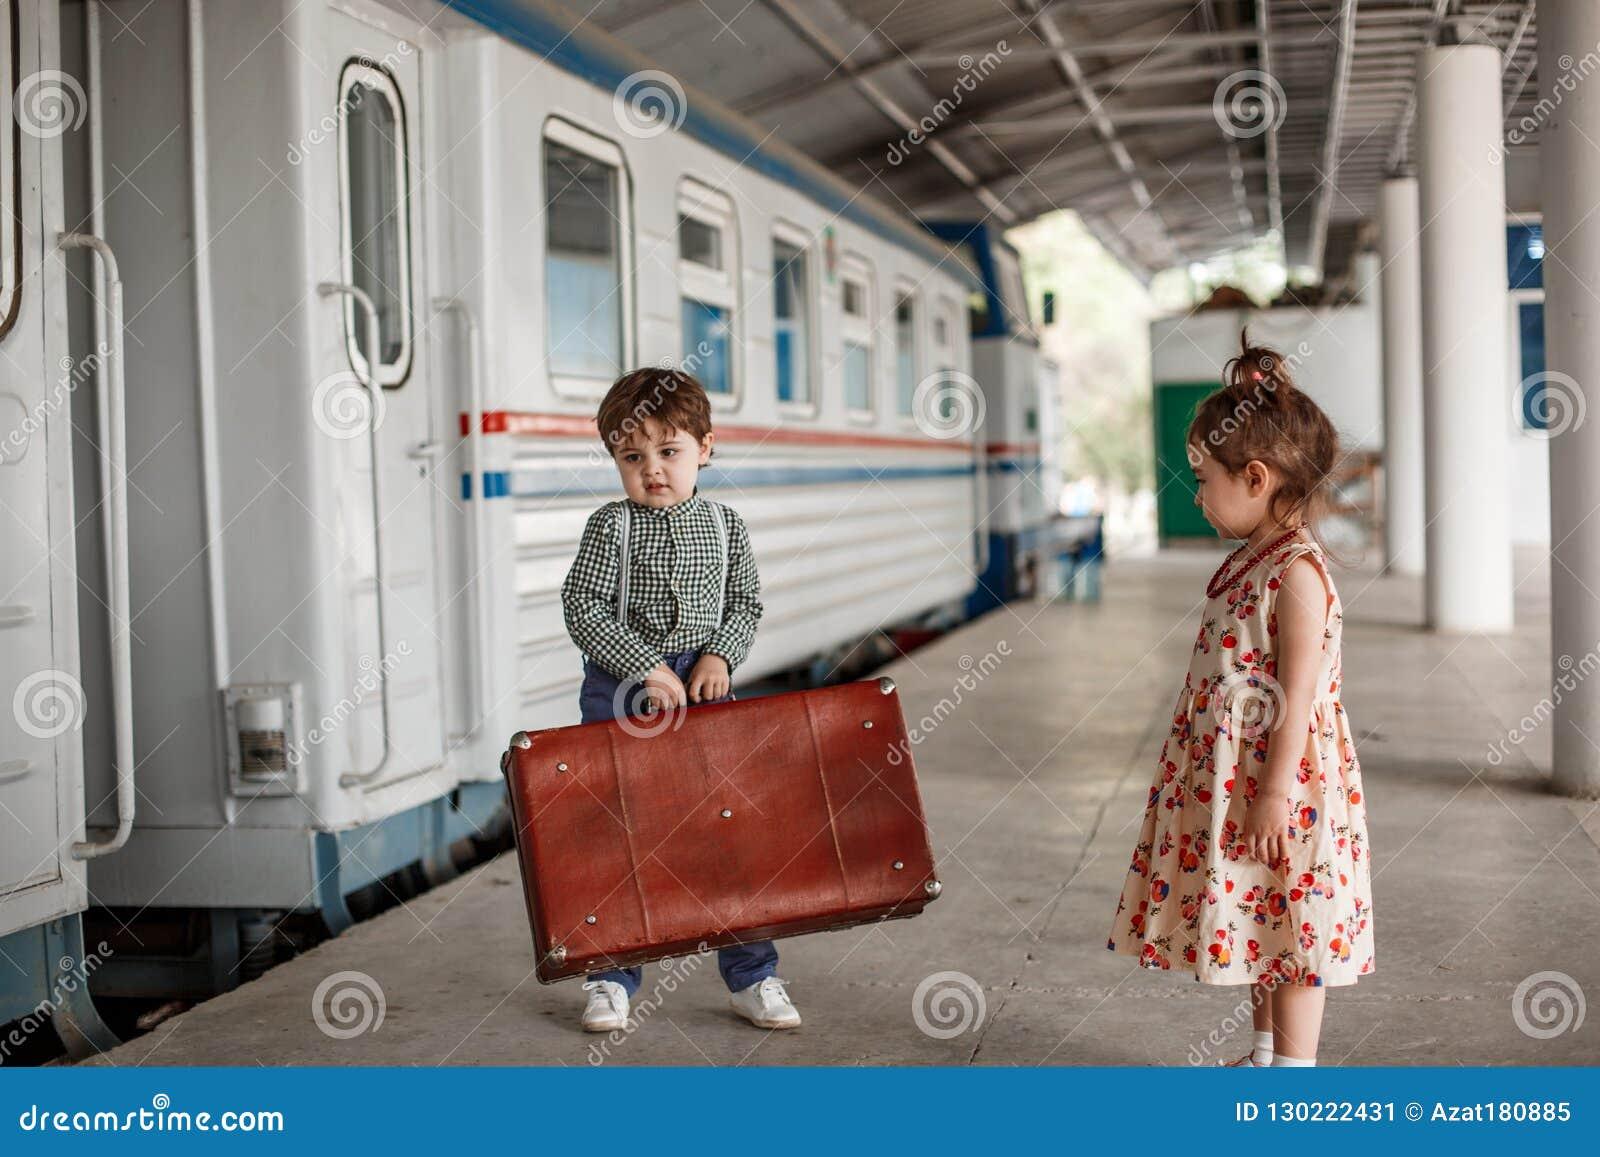 Peu belle fille dans la rétro robe indique au revoir à la station avec un petit garçon dans des vêtements de cru avec la rétro va